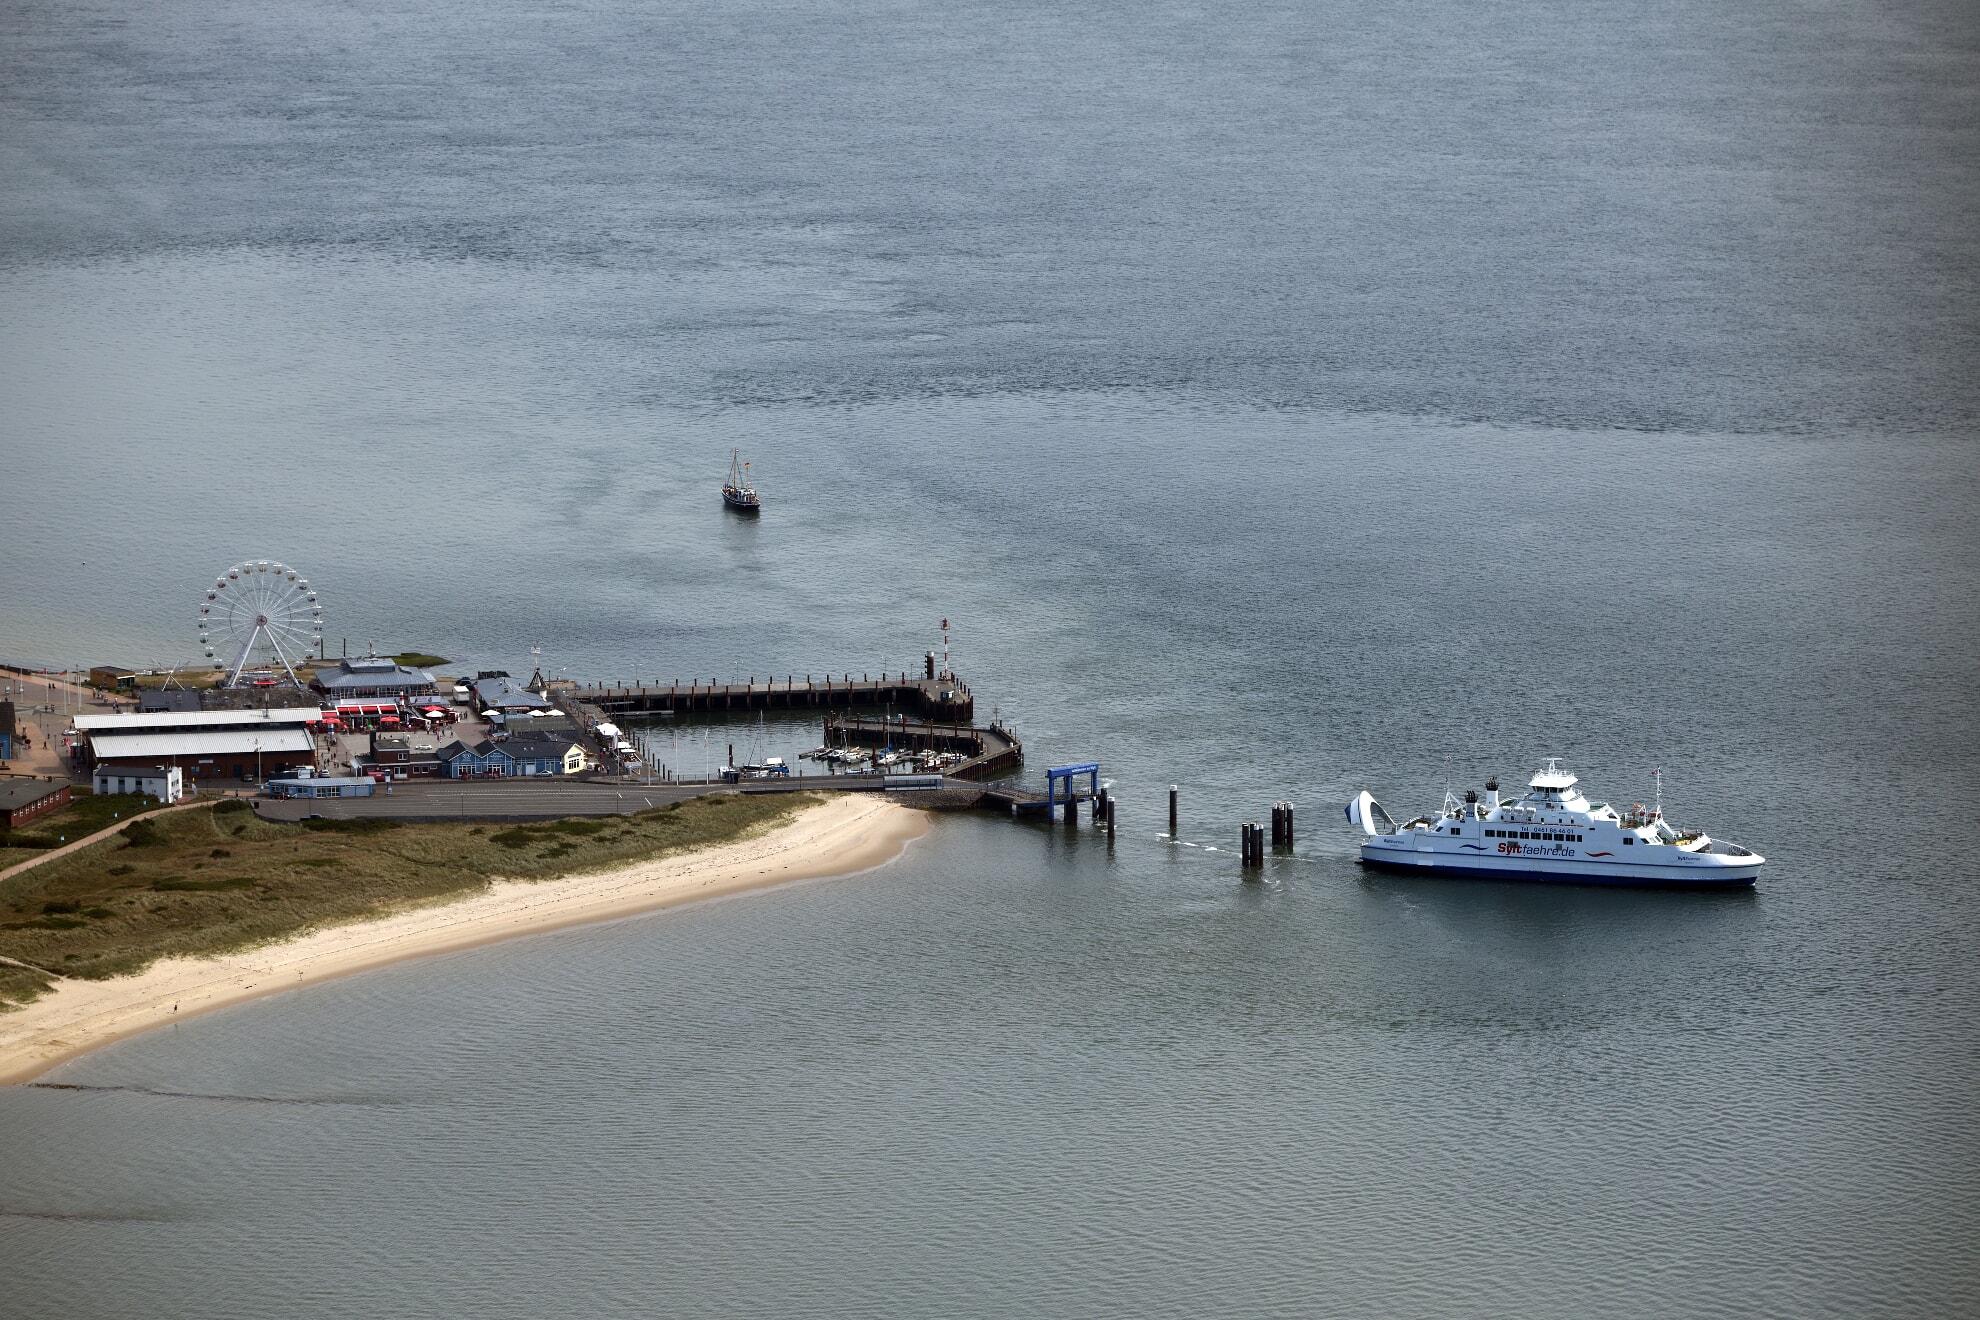 Hafen List auf Sylt aus der Vogelperspektive